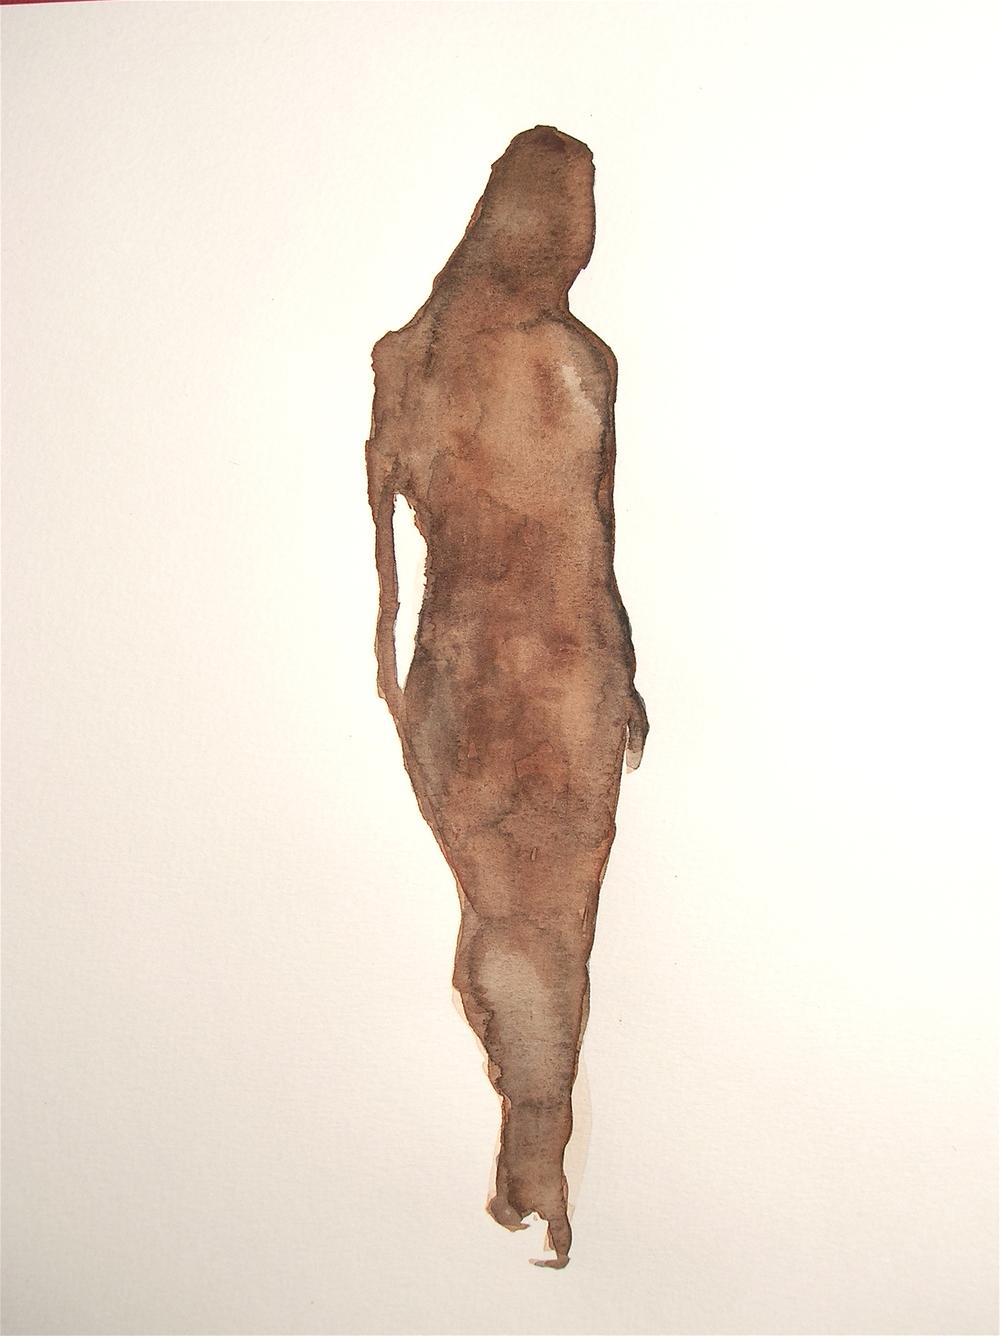 Nude #6